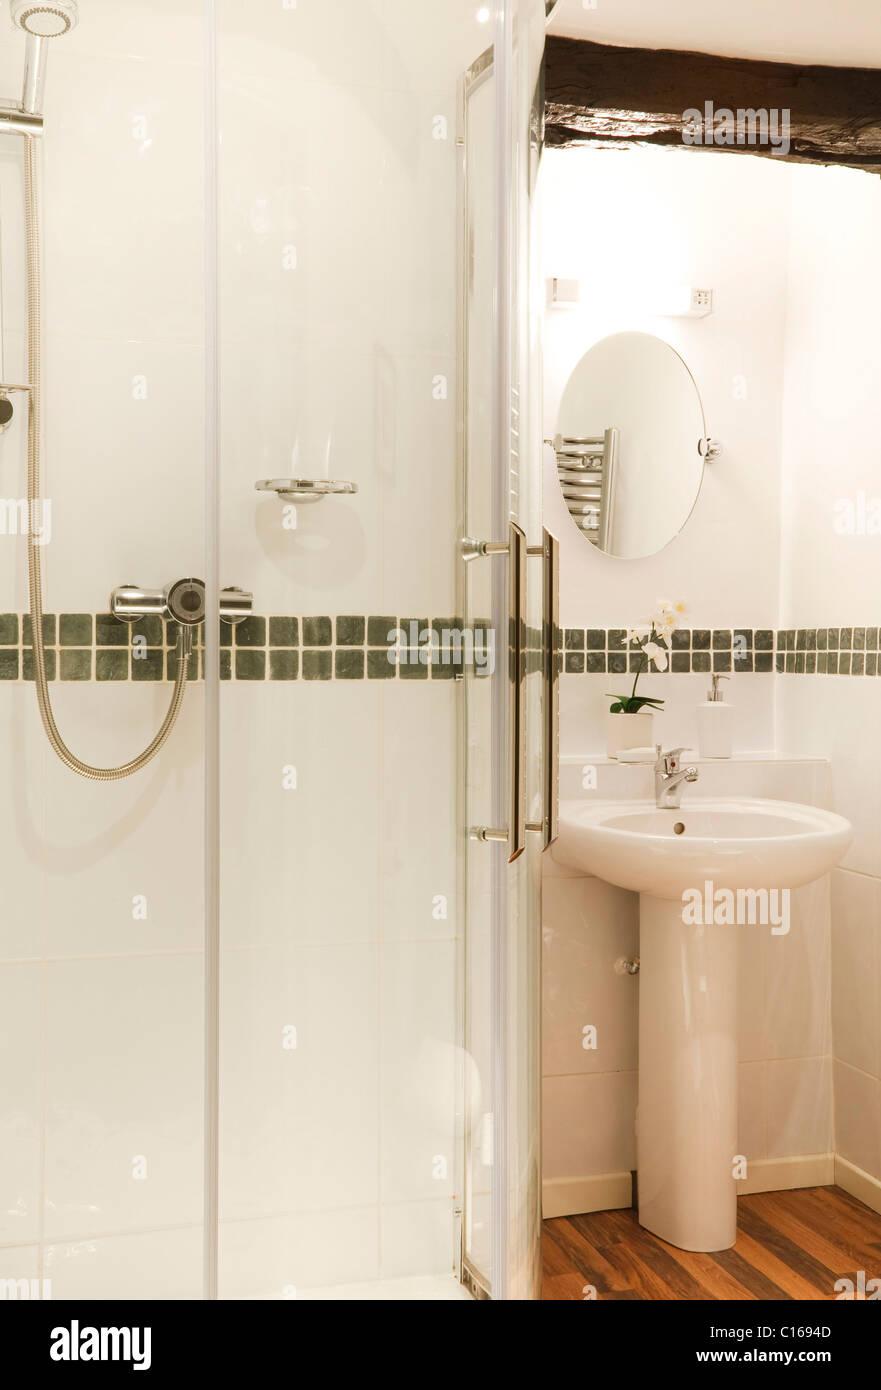 Moderne Badezimmer mit Dusche und Waschbecken Stockfoto, Bild ...